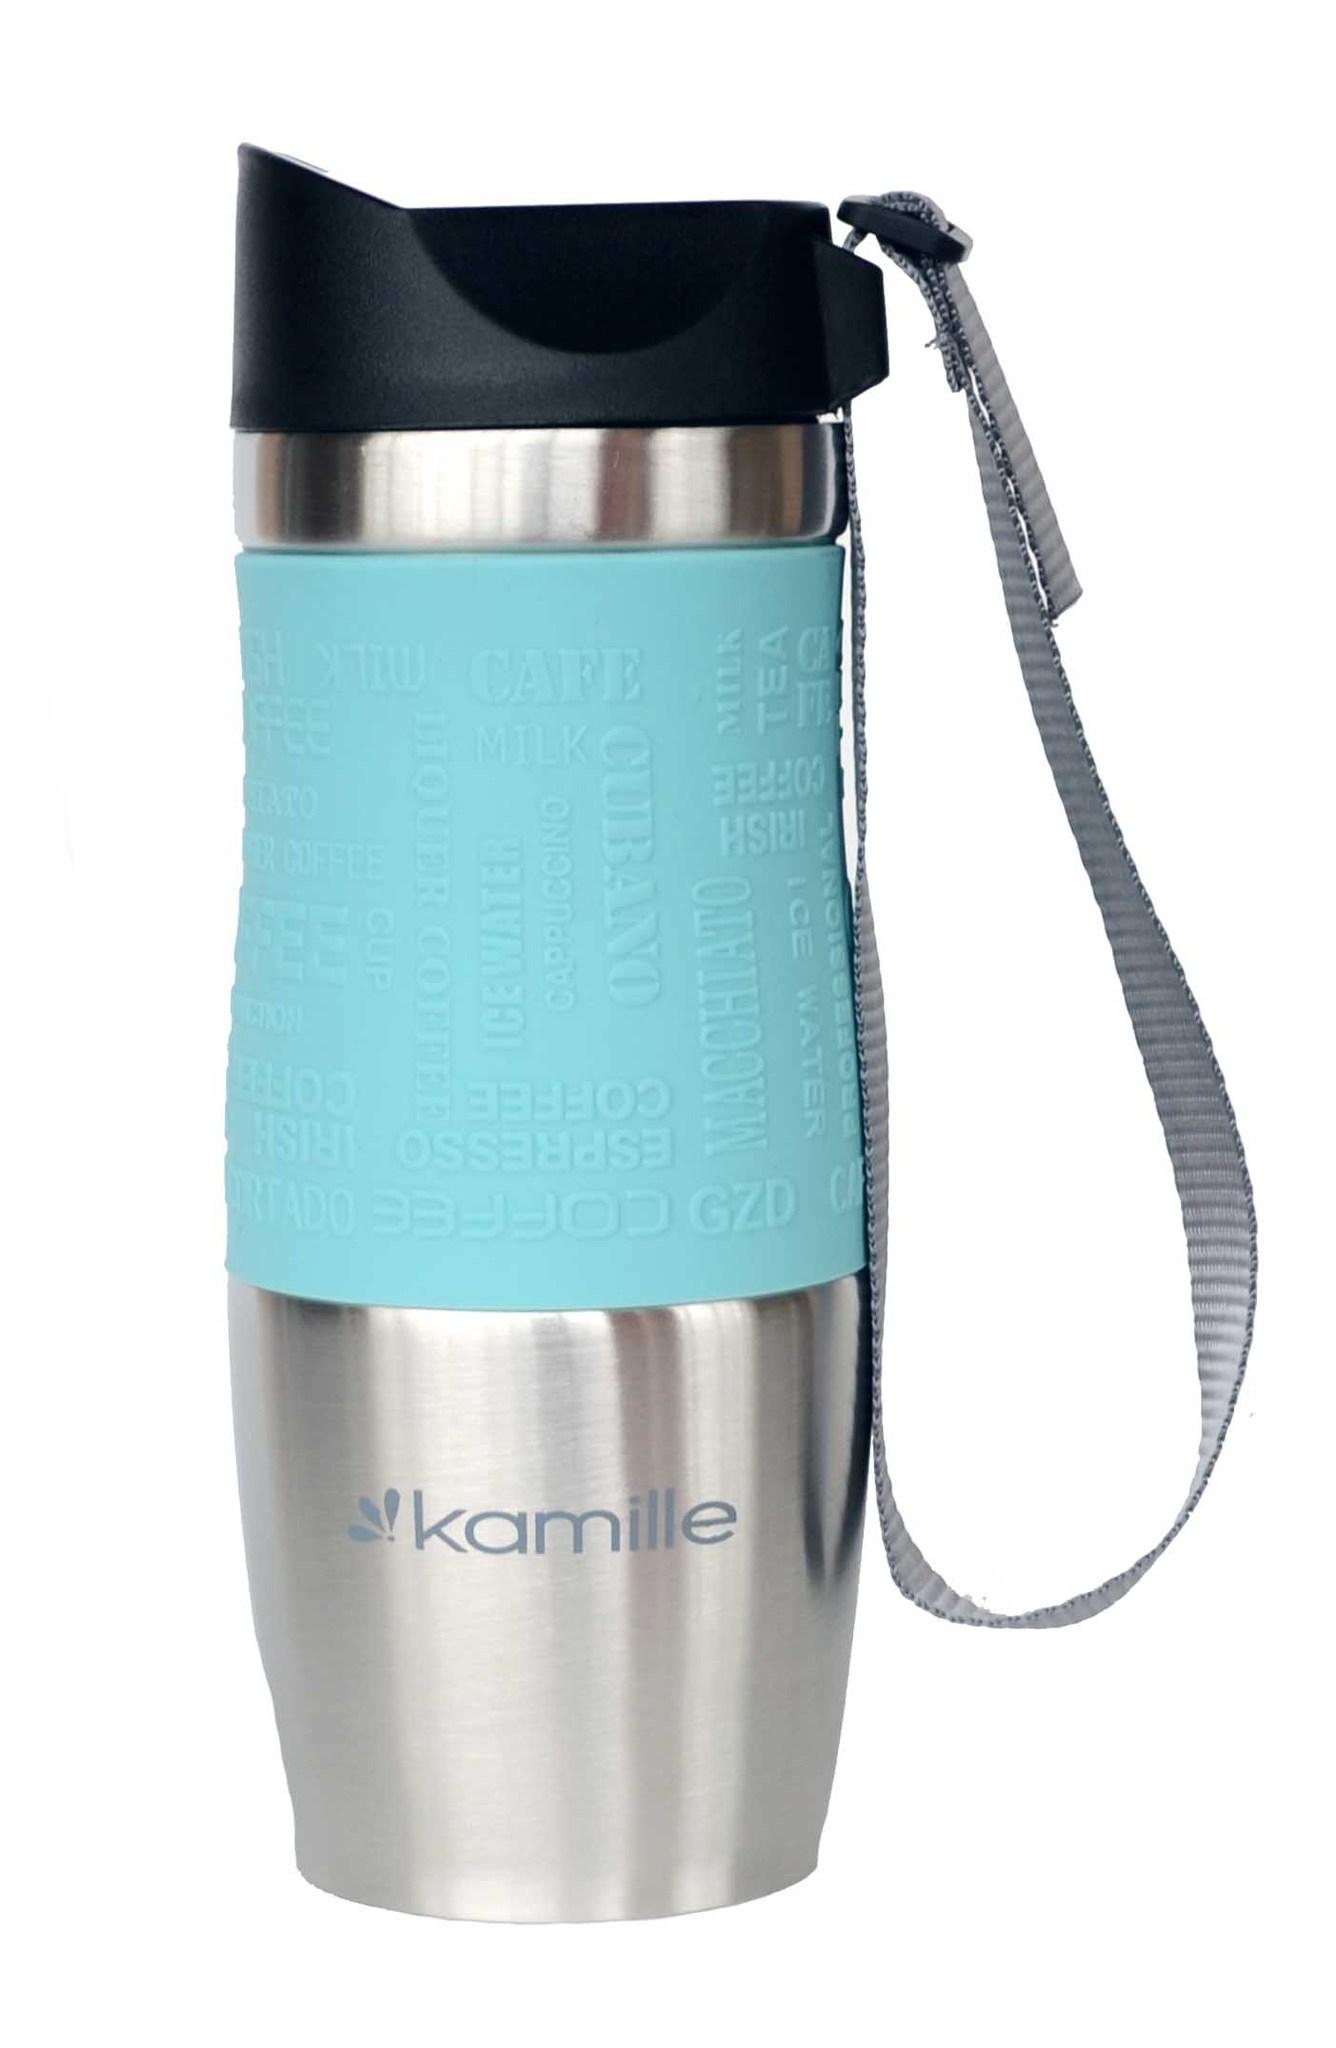 Термокружка Kamille c TPR и ремешком 380 мл. (хром) мятная